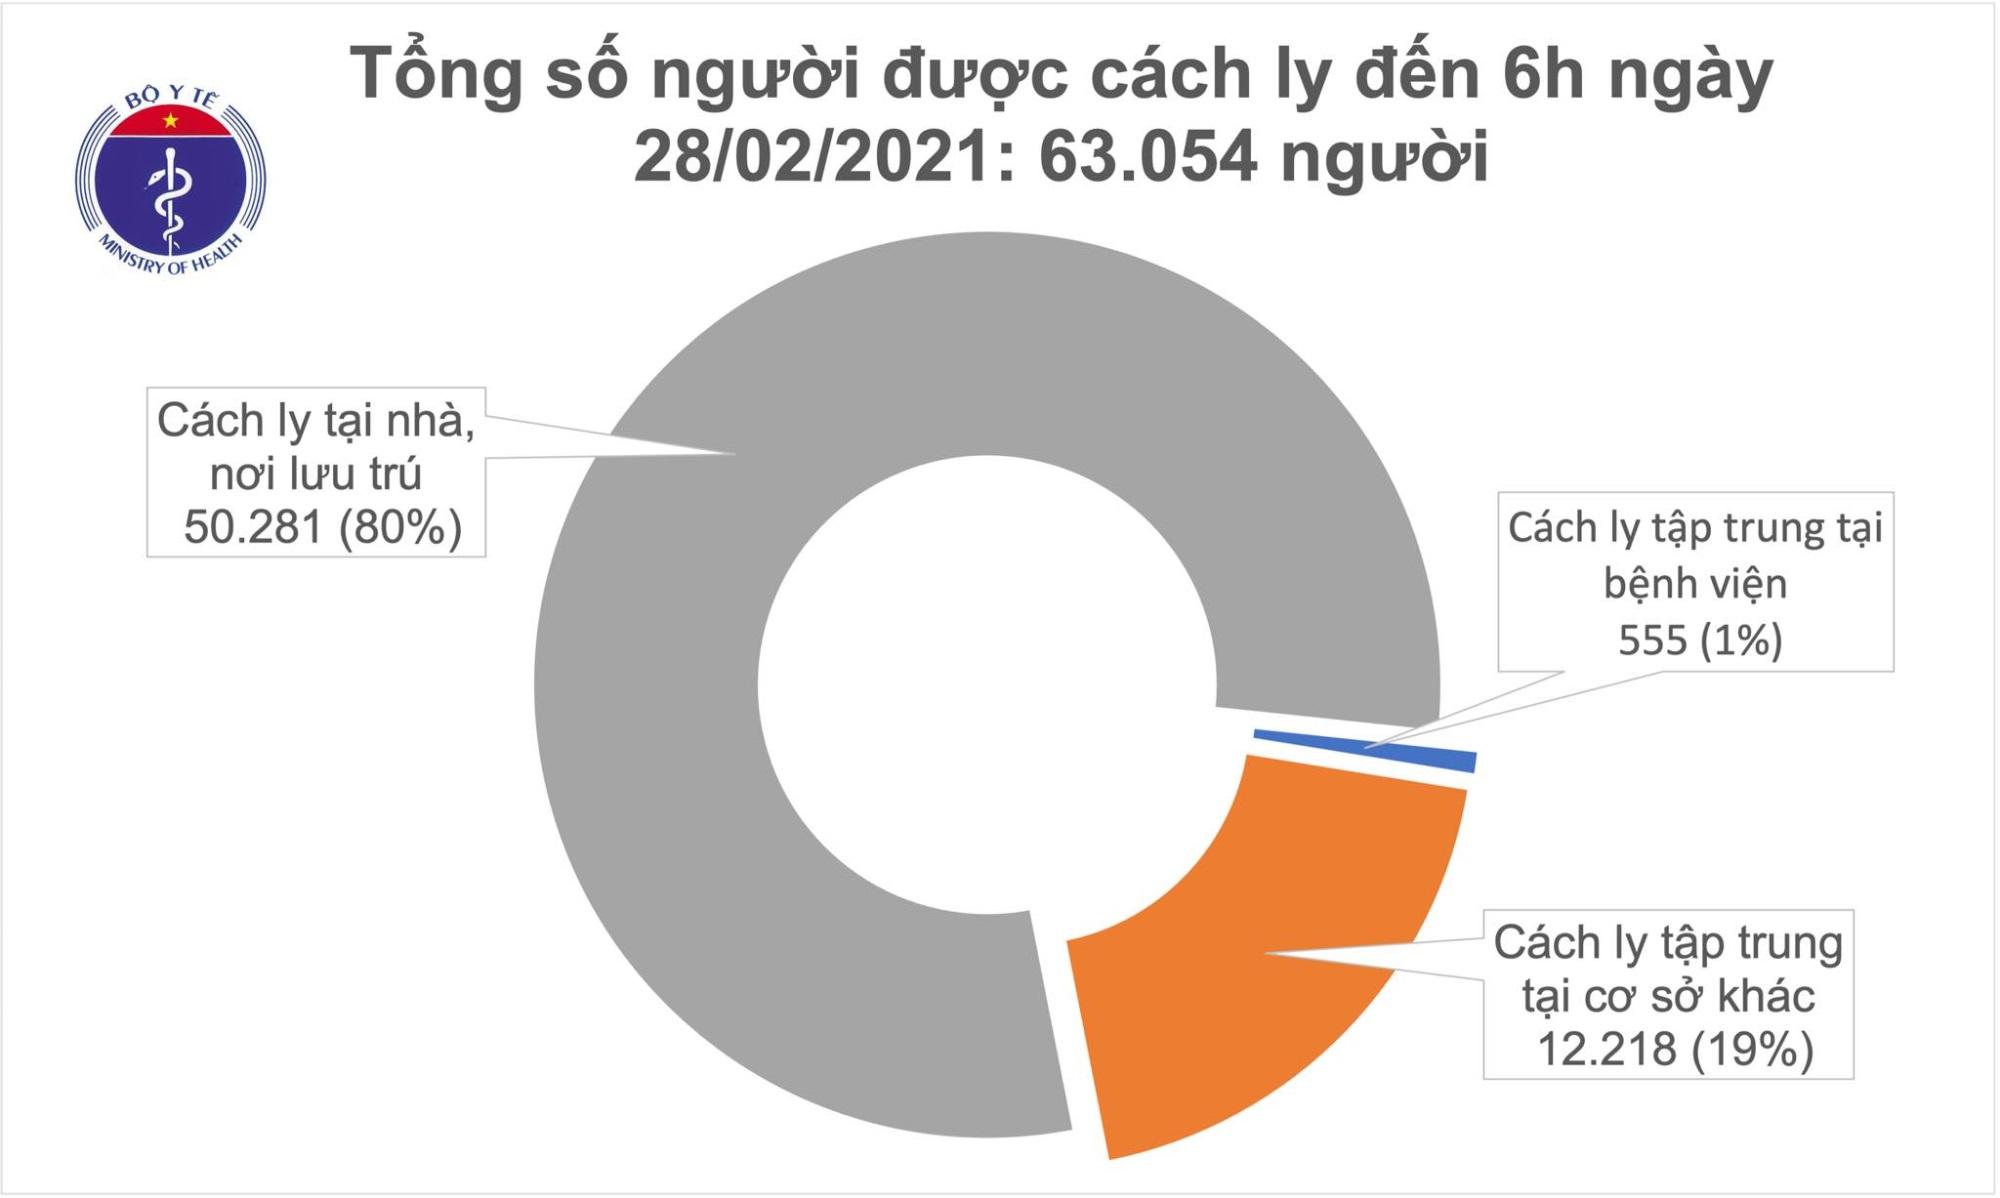 Sáng 28/2, không ca mắc COVID-19, hơn 63.000 người đang cách ly chống dịch - Ảnh 1